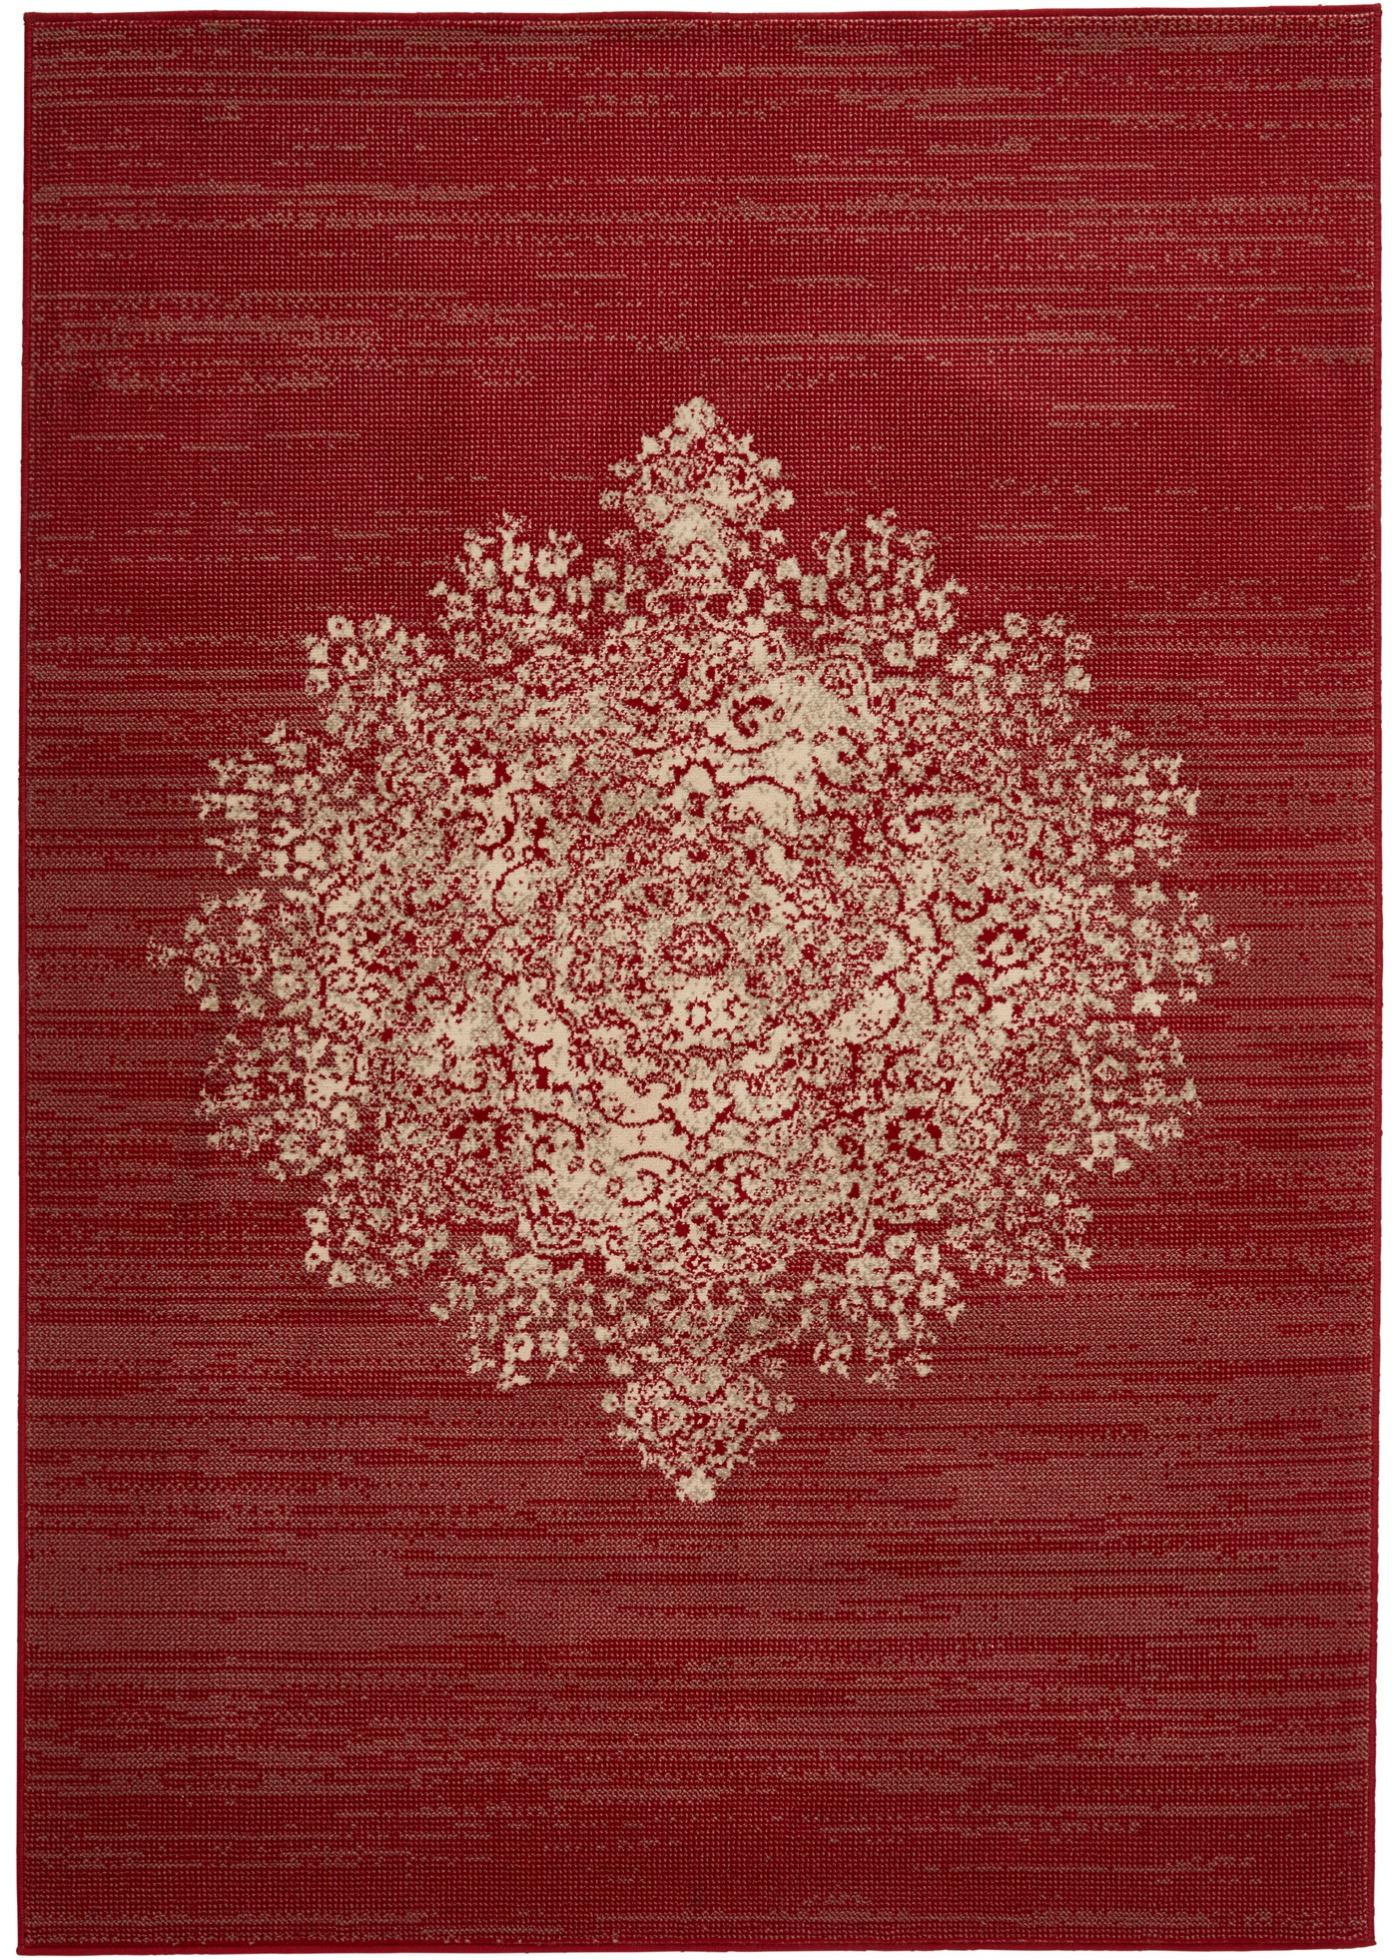 Teppich mit ornamenten preisvergleiche - Teppich bonprix ...